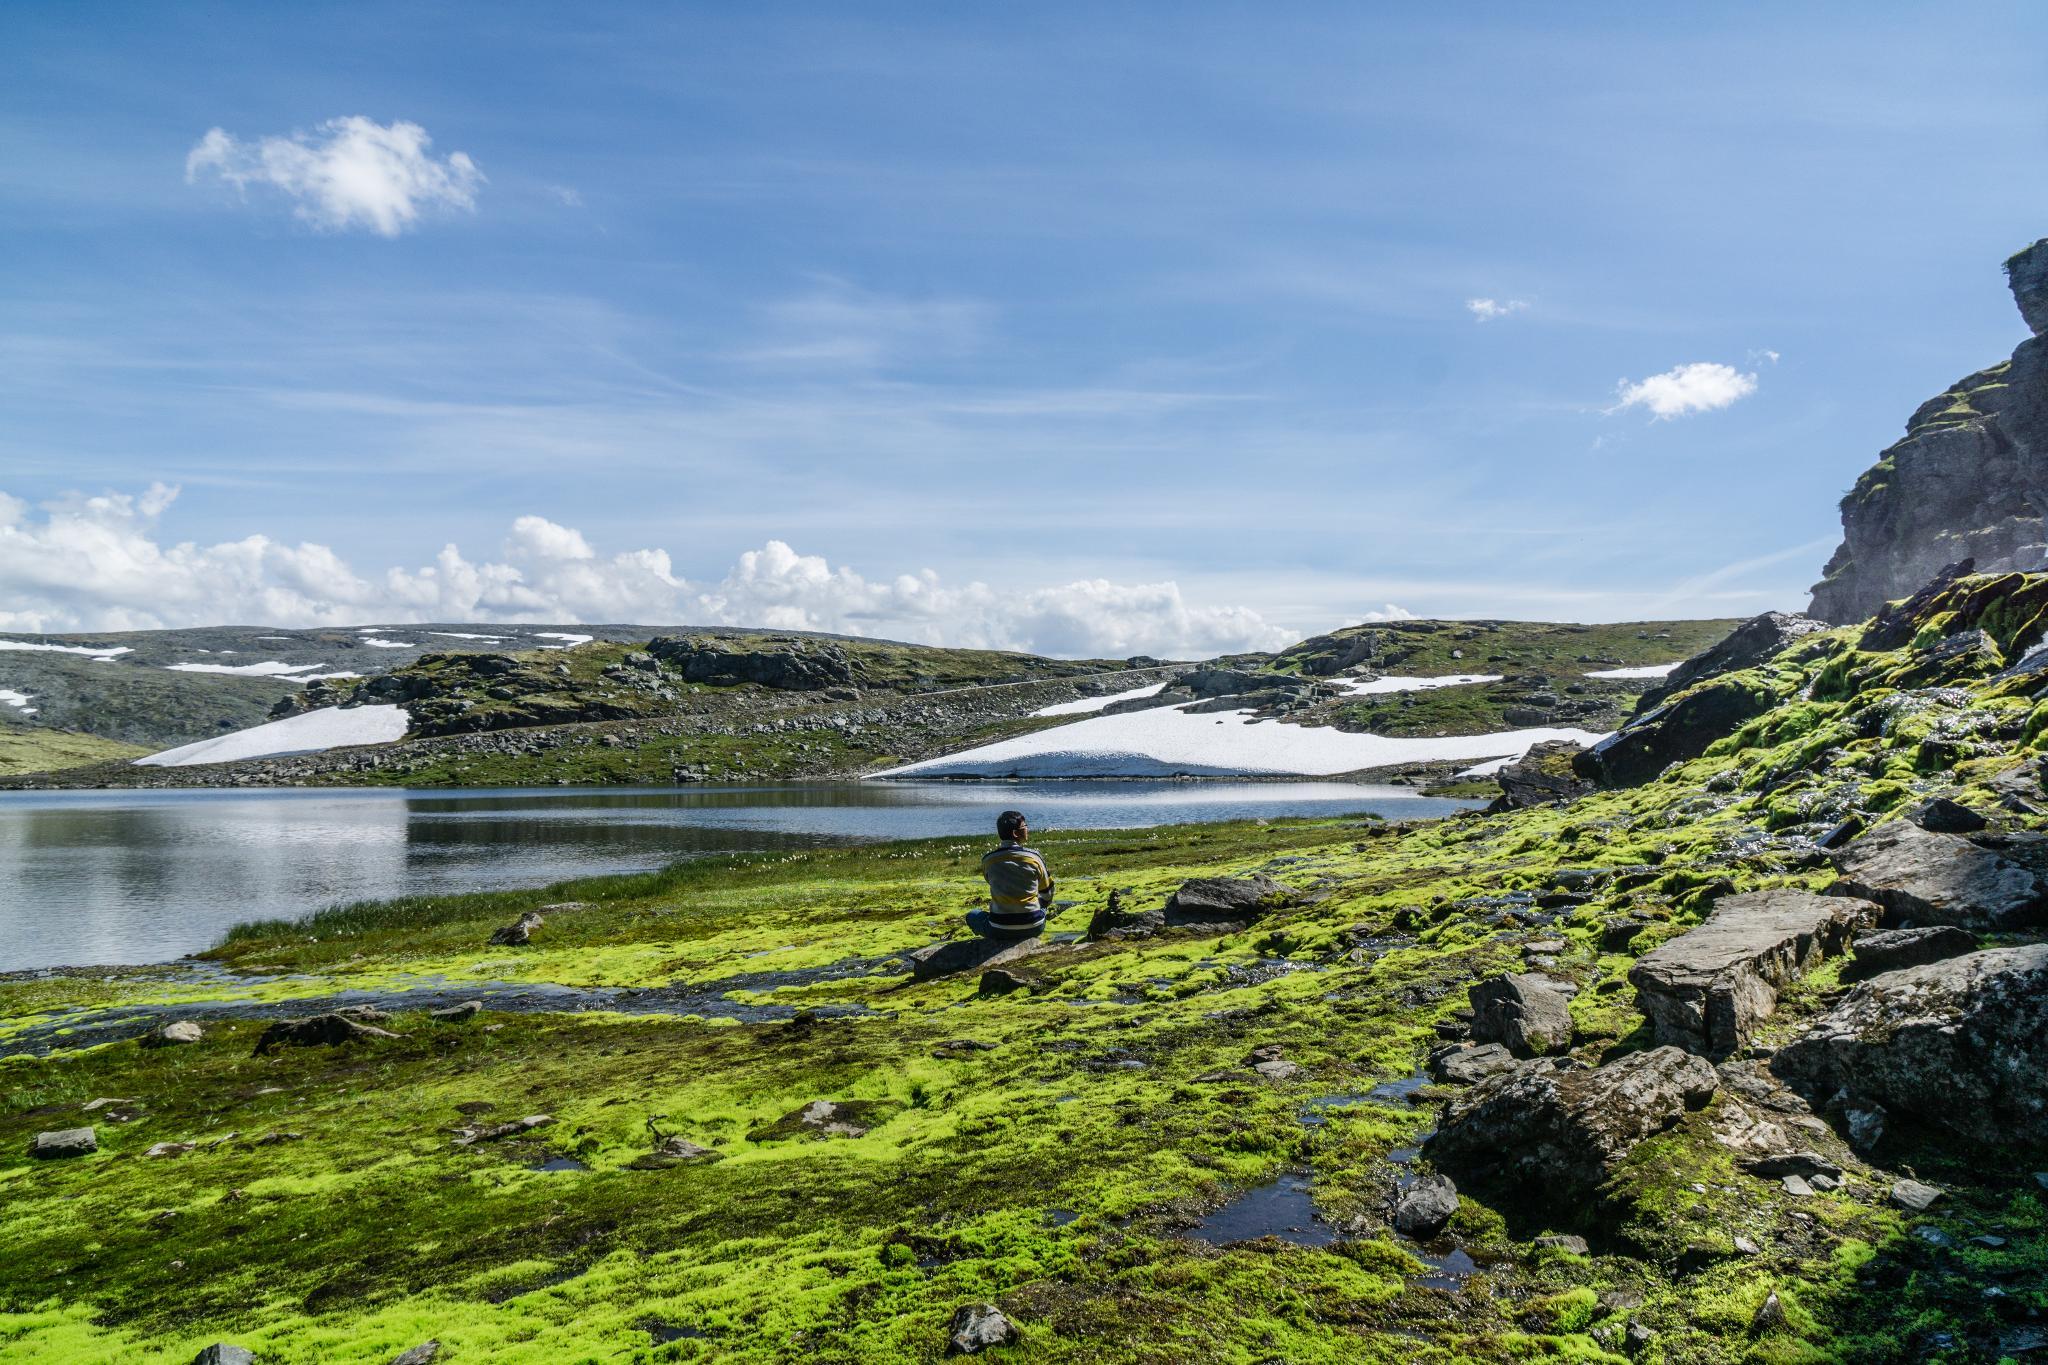 【北歐景點】世界最美景觀公路 - 俯瞰挪威松恩峽灣的 Fv243 雪之路 (Aurlandsfjellet) 22